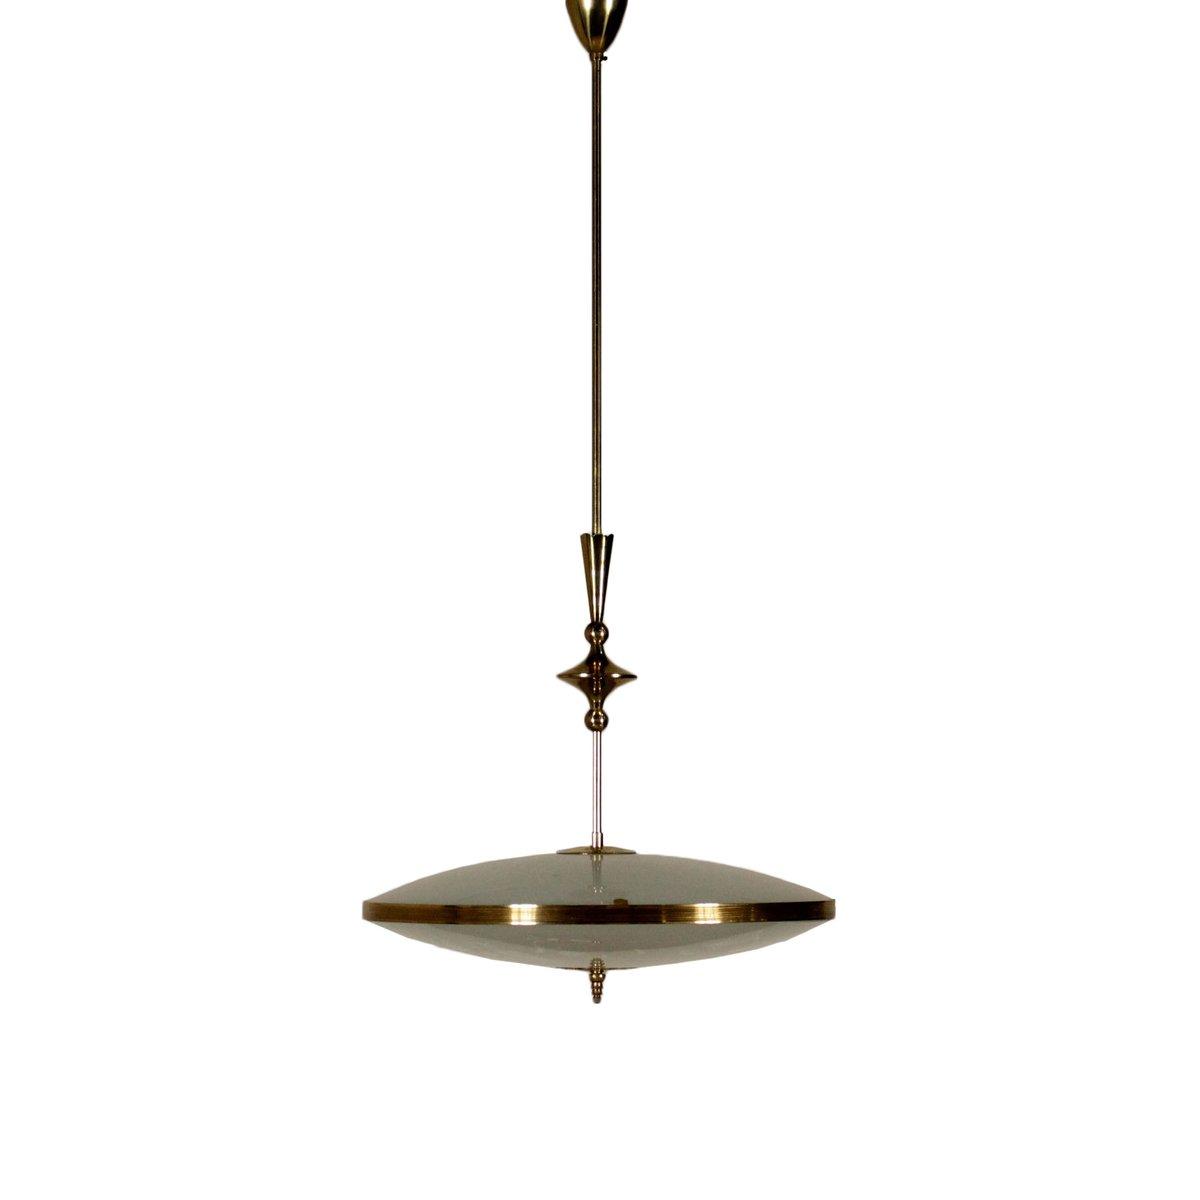 Italienische Messing & Decorated Glas Deckenlampe, 1950er